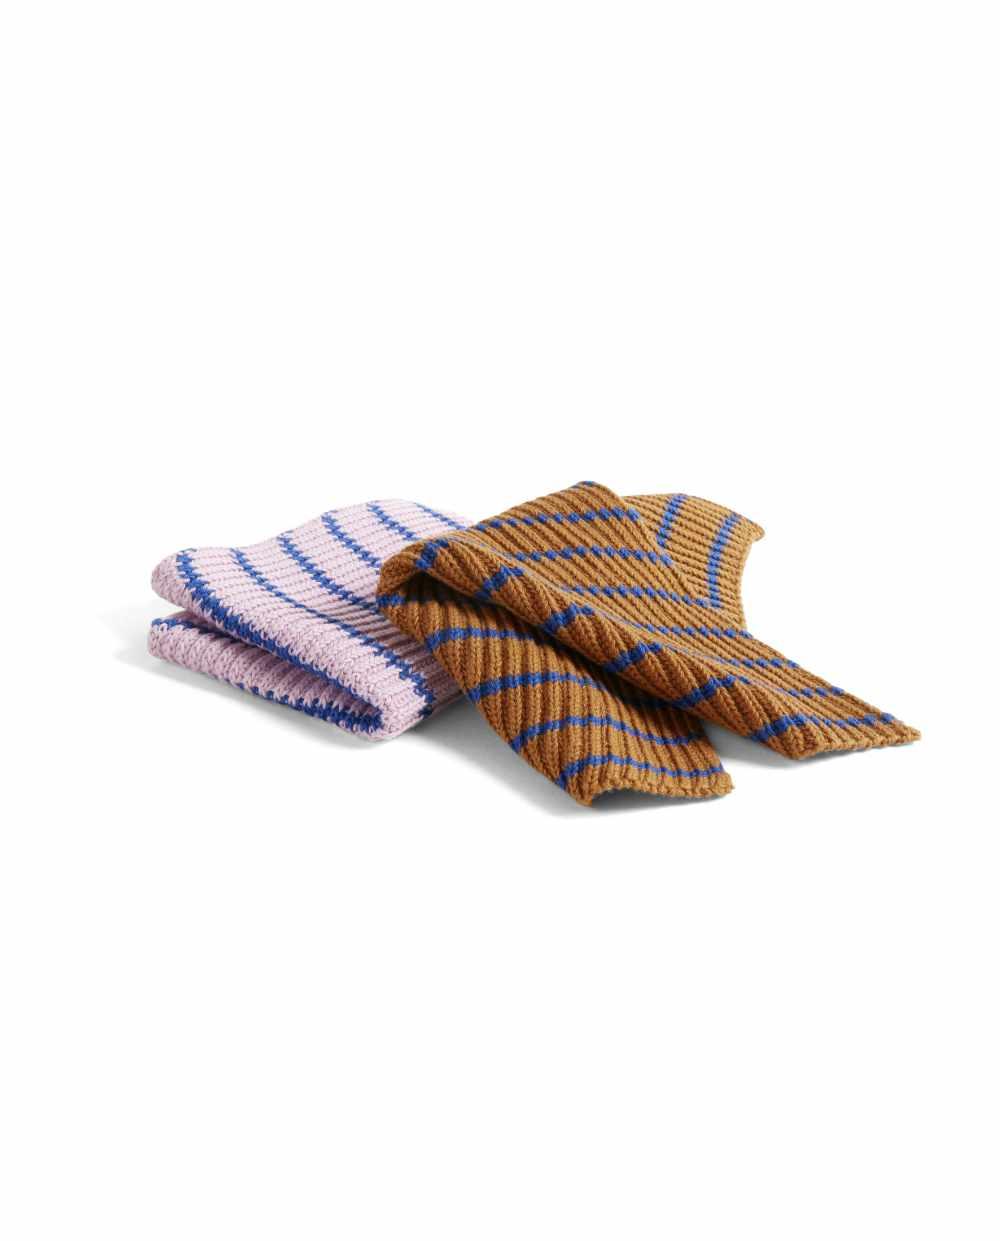 HAY 541025 Kitchen Cloth Set of 2 stripe blue brown pink